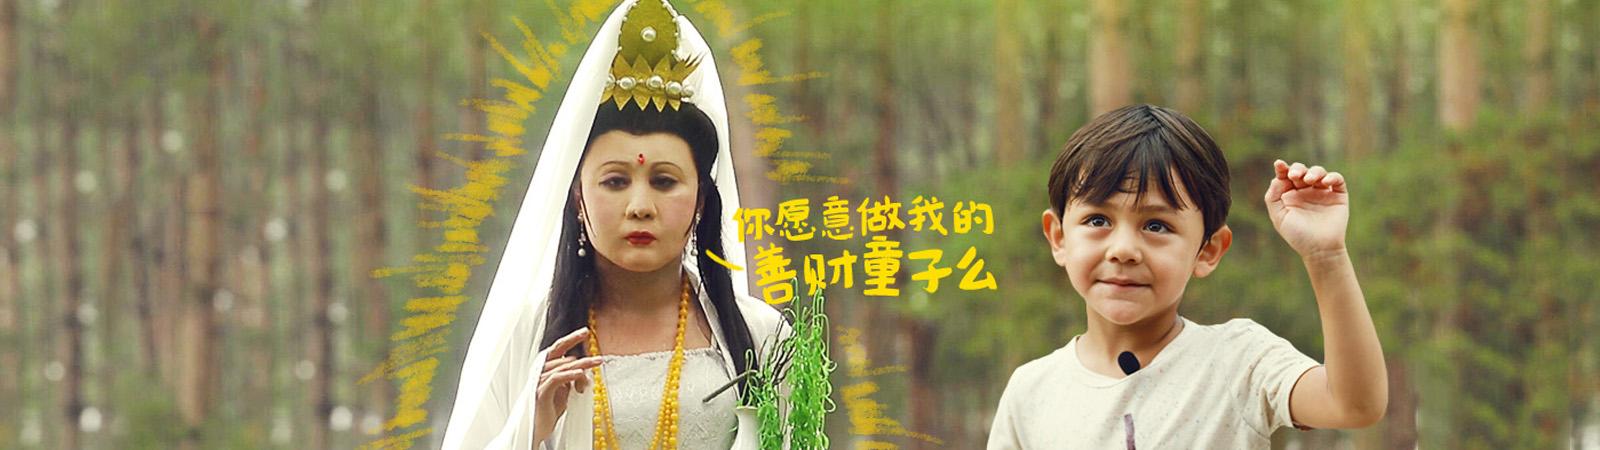 Tập 7 - Bố Ơi, Mình Đi Đâu Thế Phiên Bản Trung Quốc Season 3